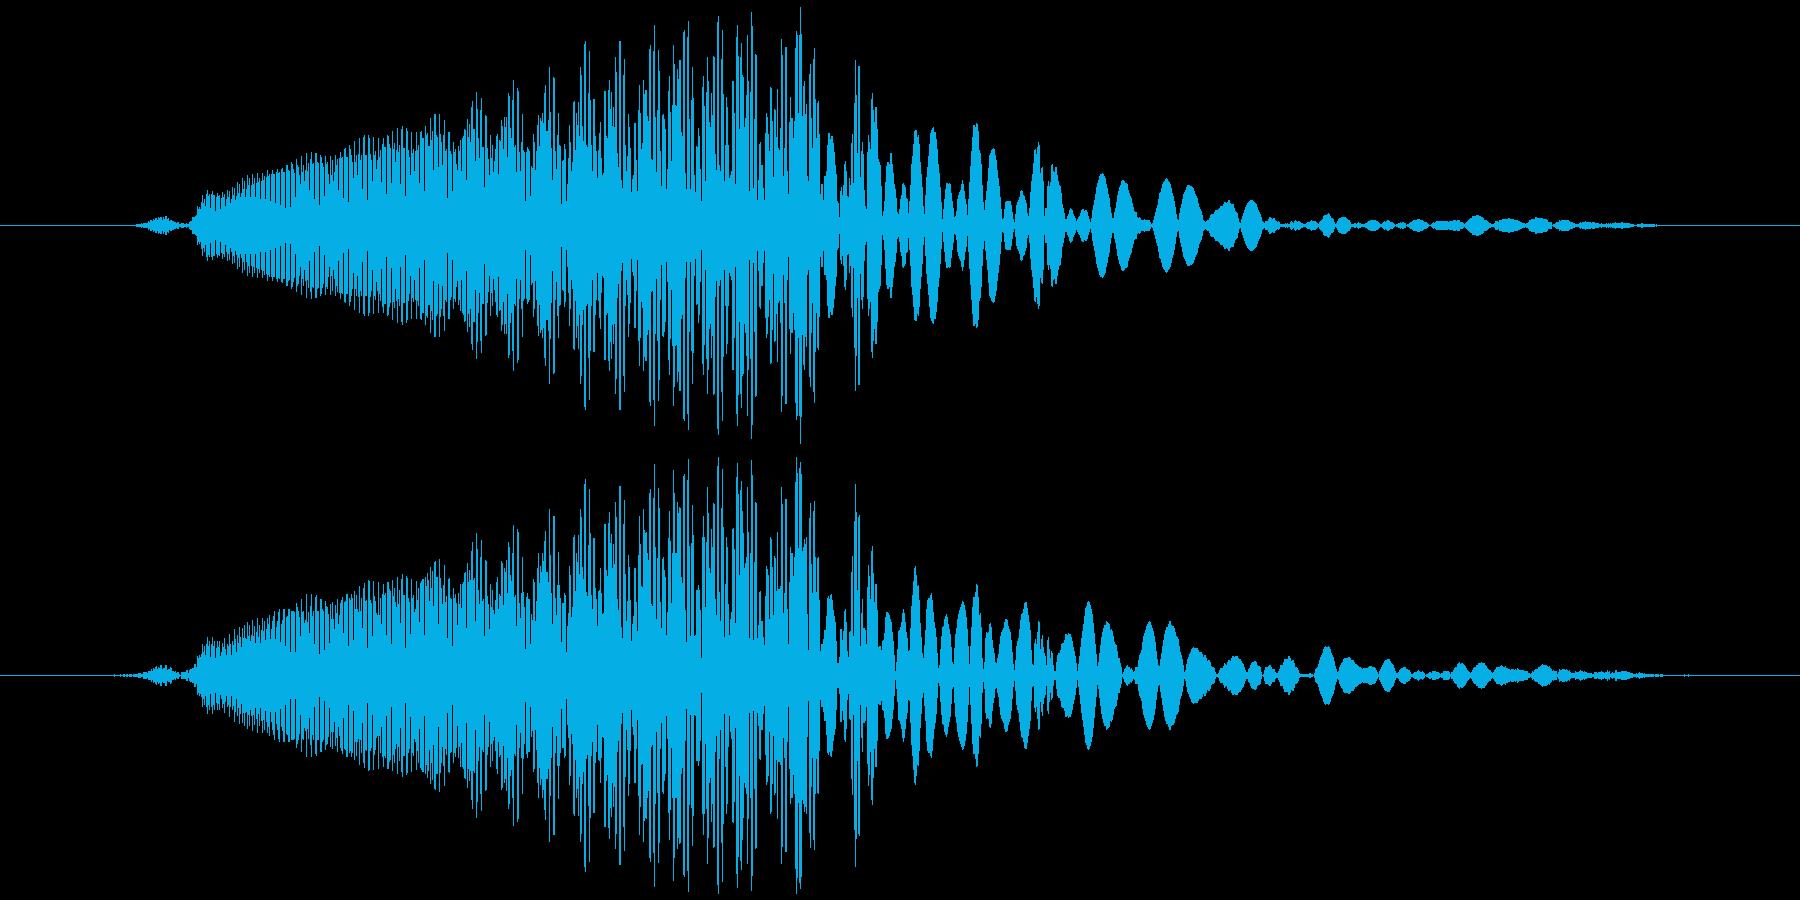 ドラゴン/龍など 鳴き声 クゥールルルッの再生済みの波形